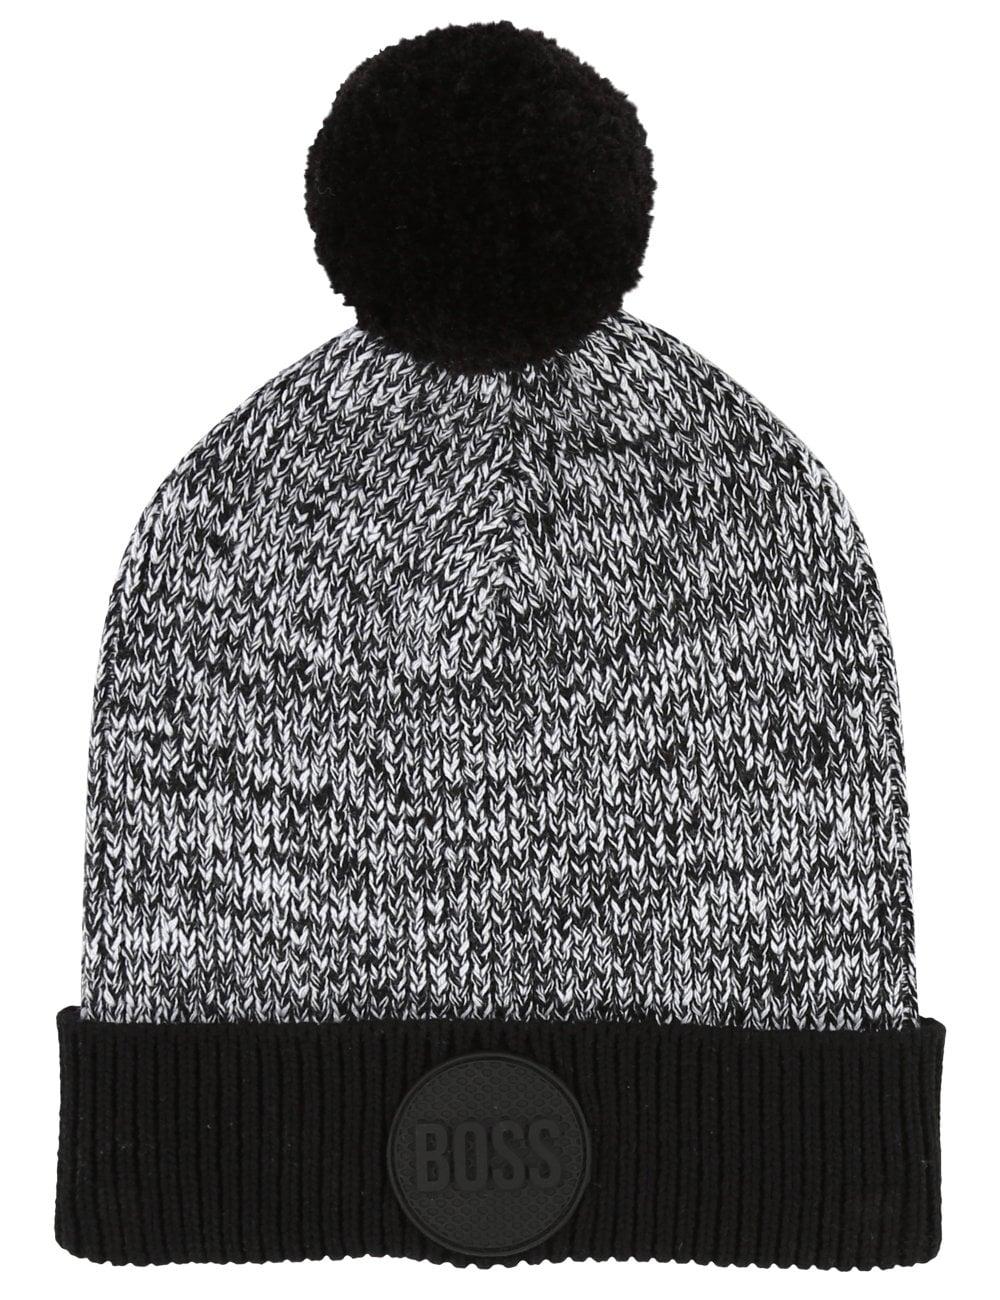 39976990471 Hugo Boss Kids Boys Knitted Bobble Hat